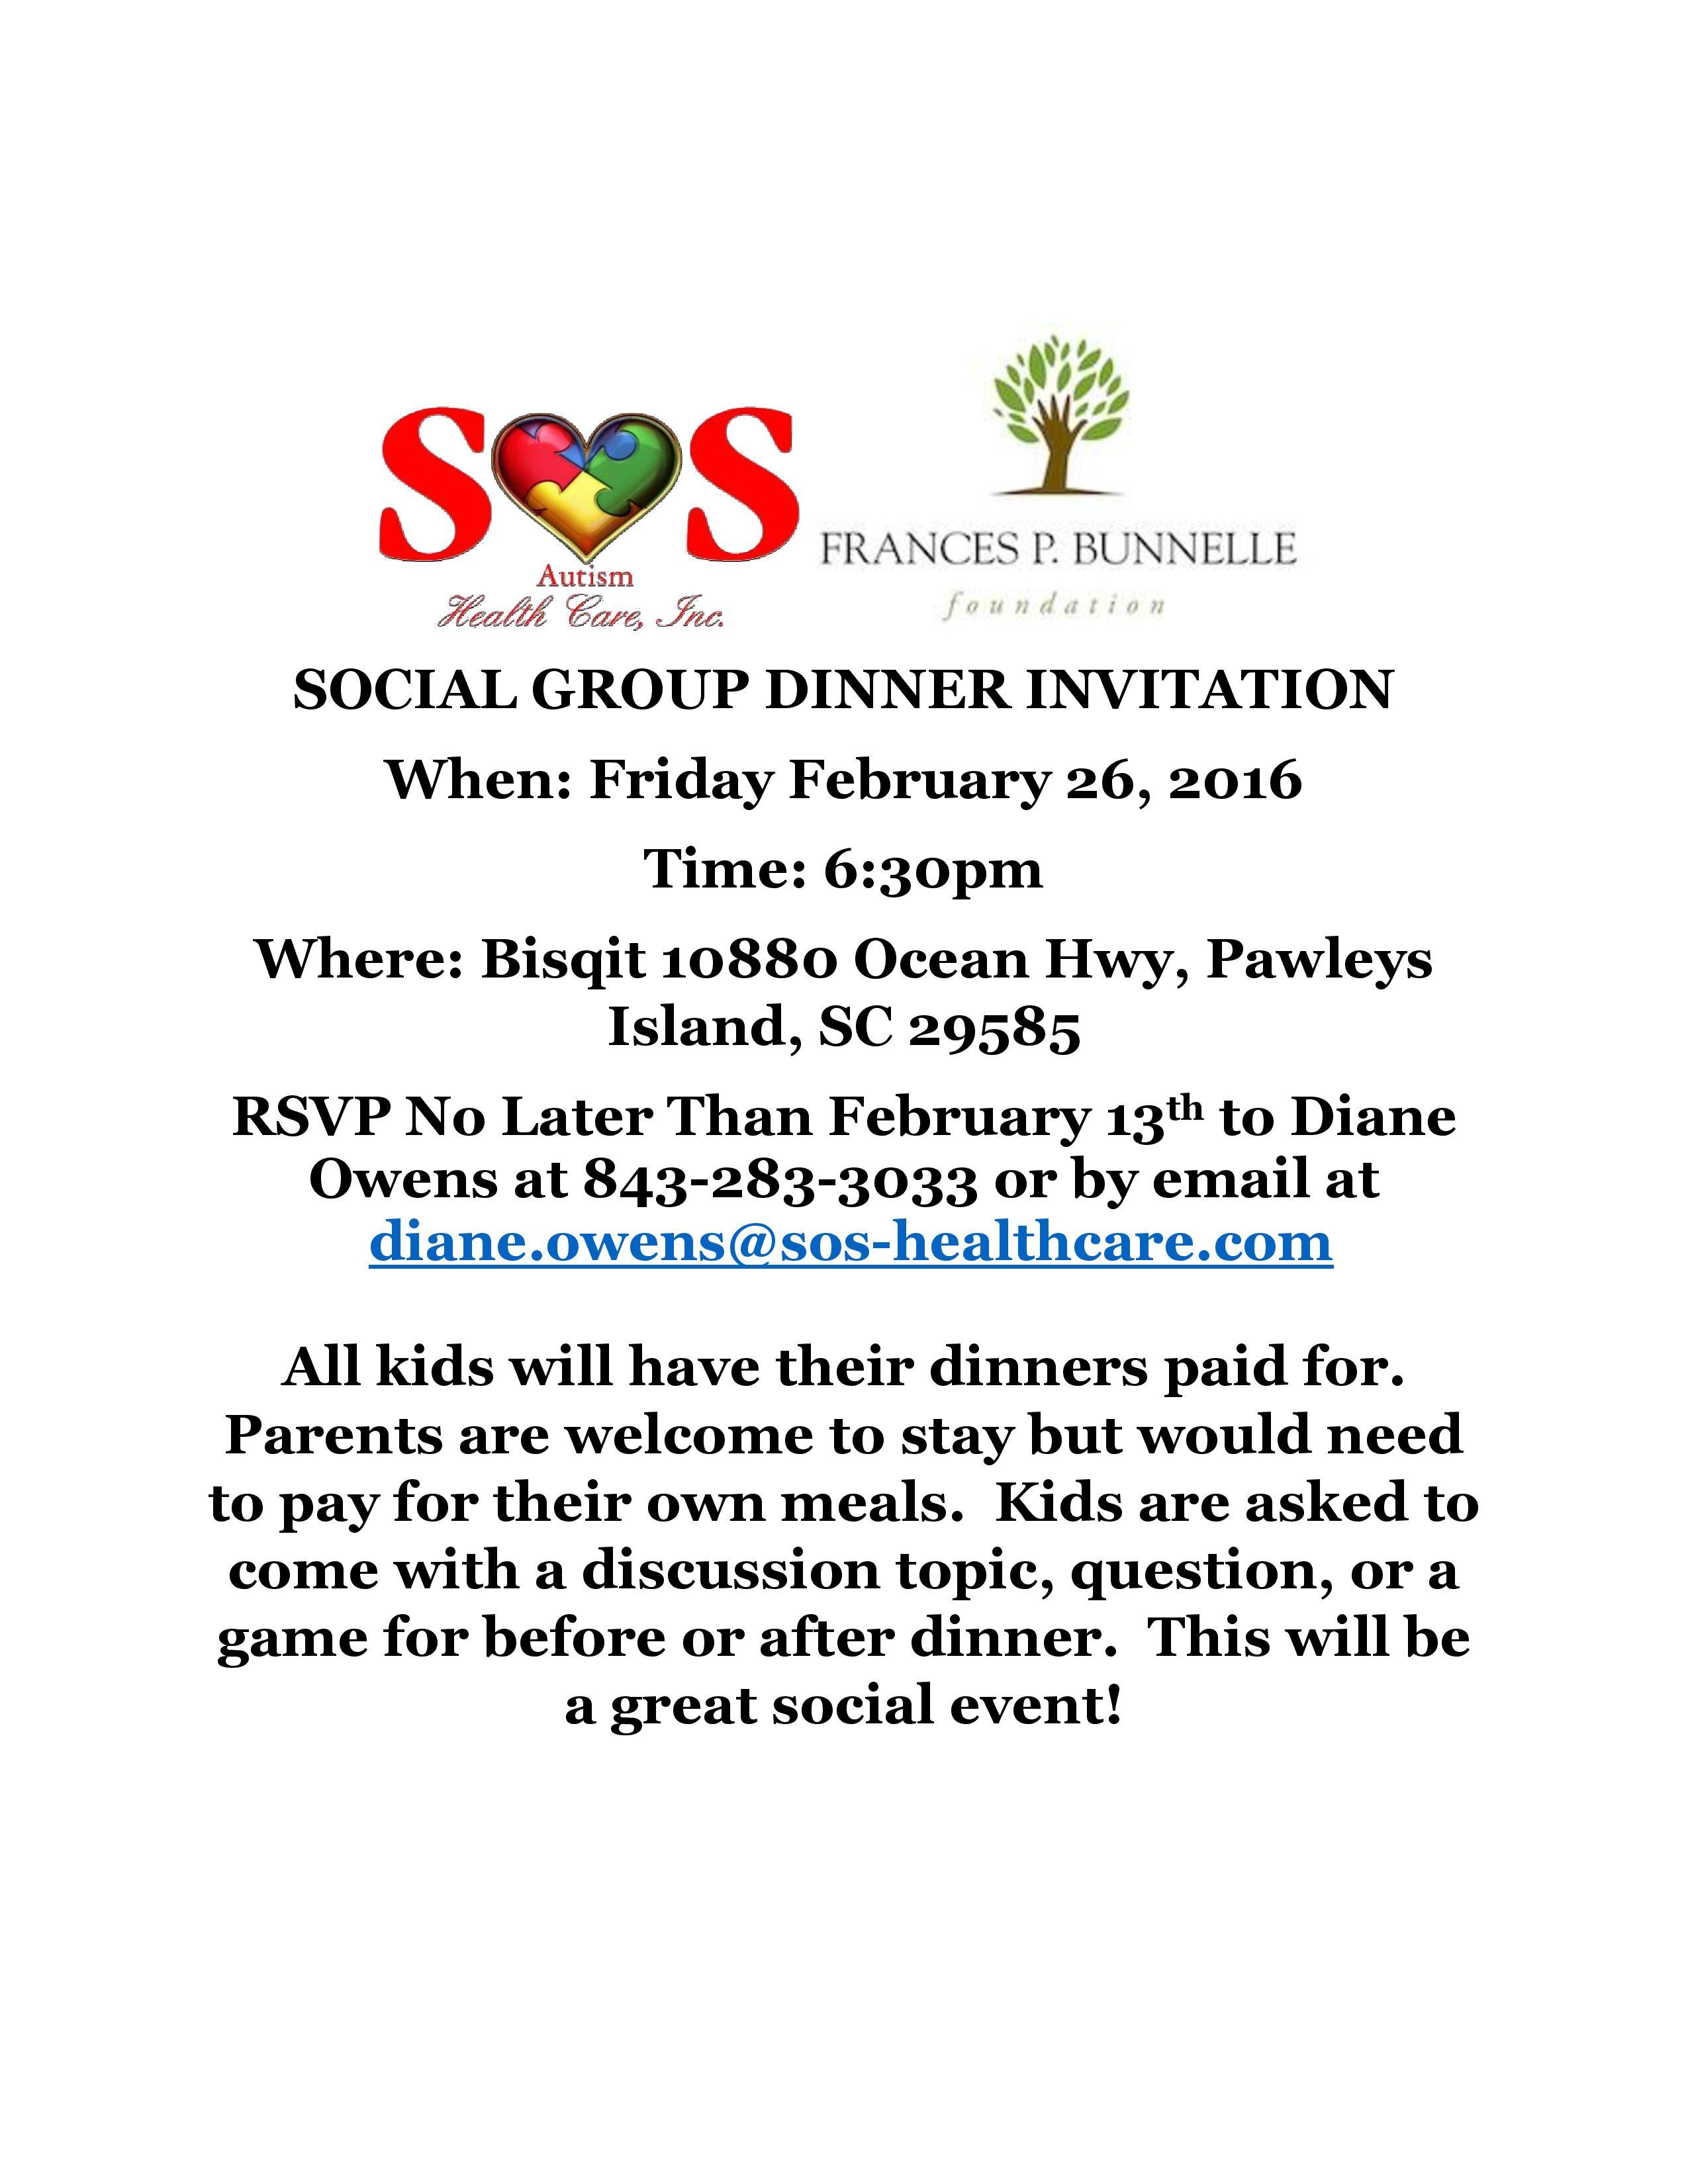 Feb 2016 Bunnelle Social Group Dinner